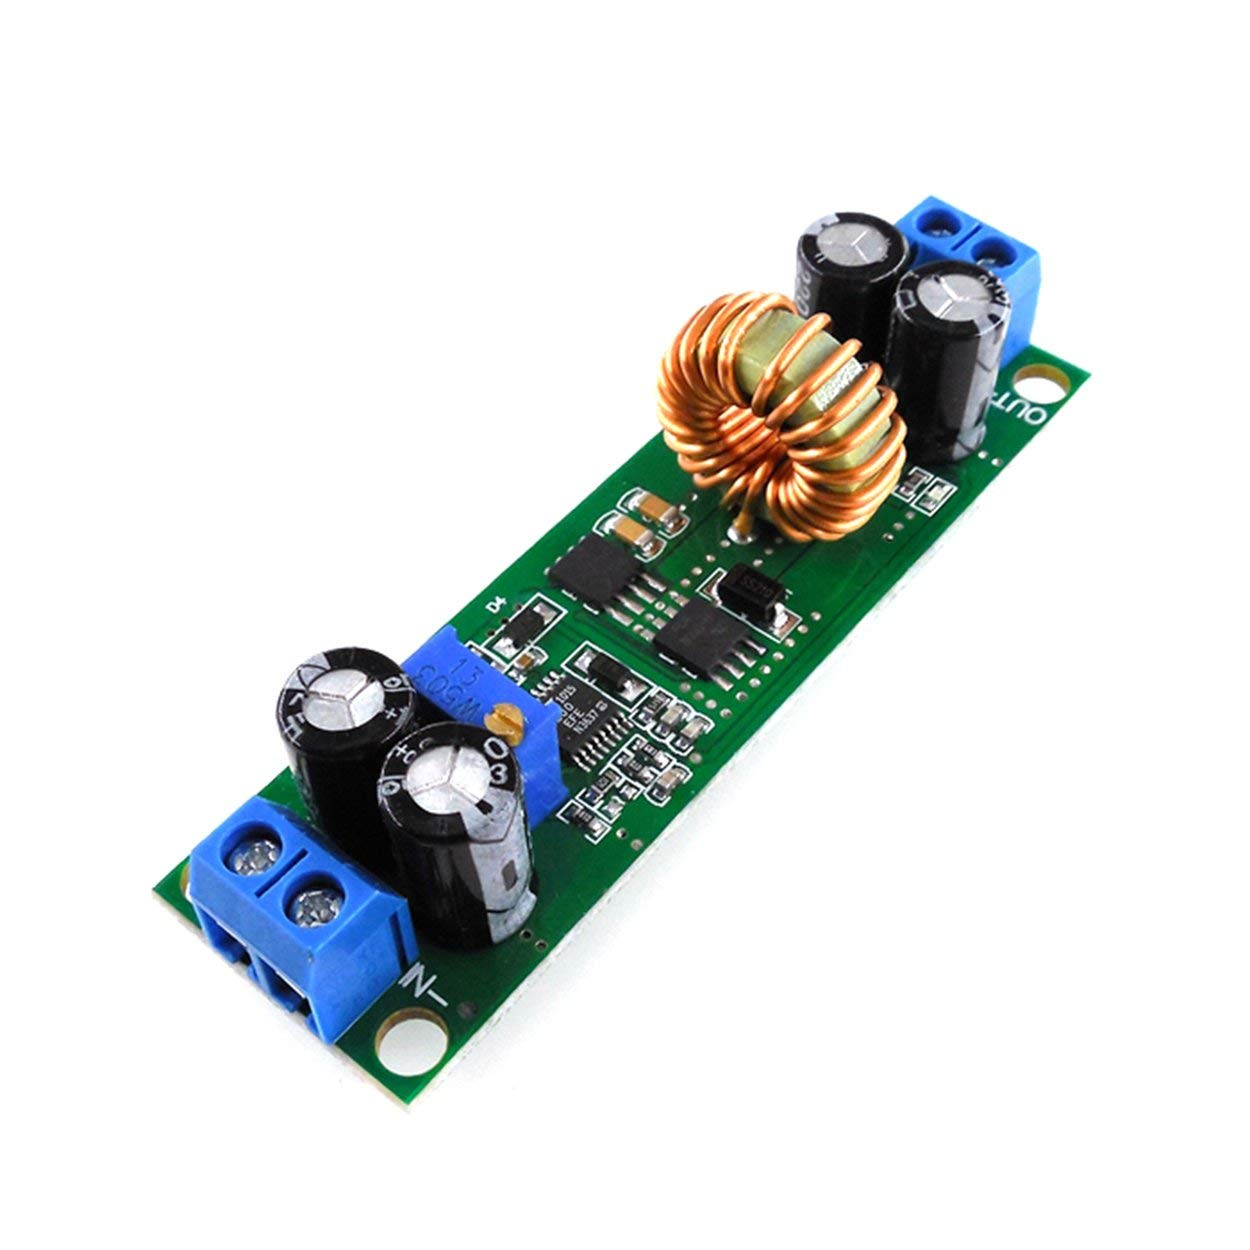 Lofenlli Adaptateur HW636 Convertisseur de Tension 60V 48V 36V 24V /à 19V 12V 9V 5V 3V R/égulateur abaisseur r/églable Module r/égulateur r/égulateur stabilisateur